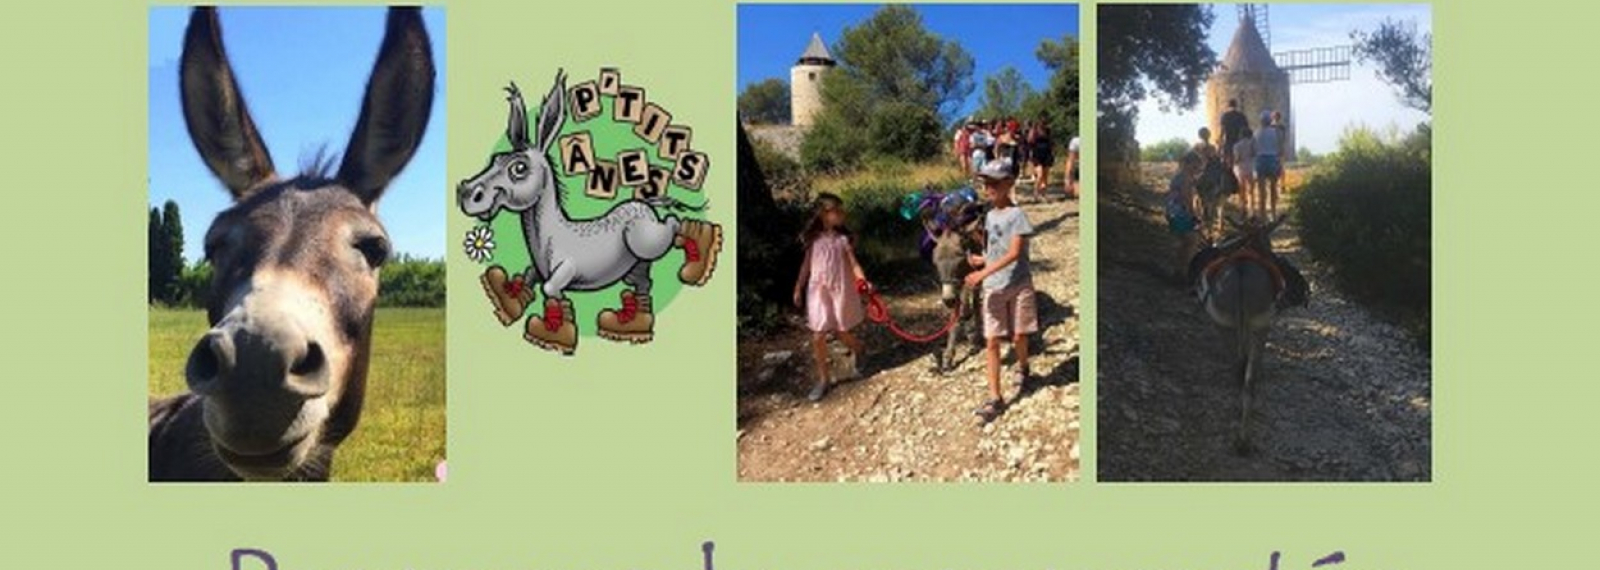 Promenade commentée au pas de l'âne sur le Sentier des Moulins d'Alphonse Daudet - été 2021